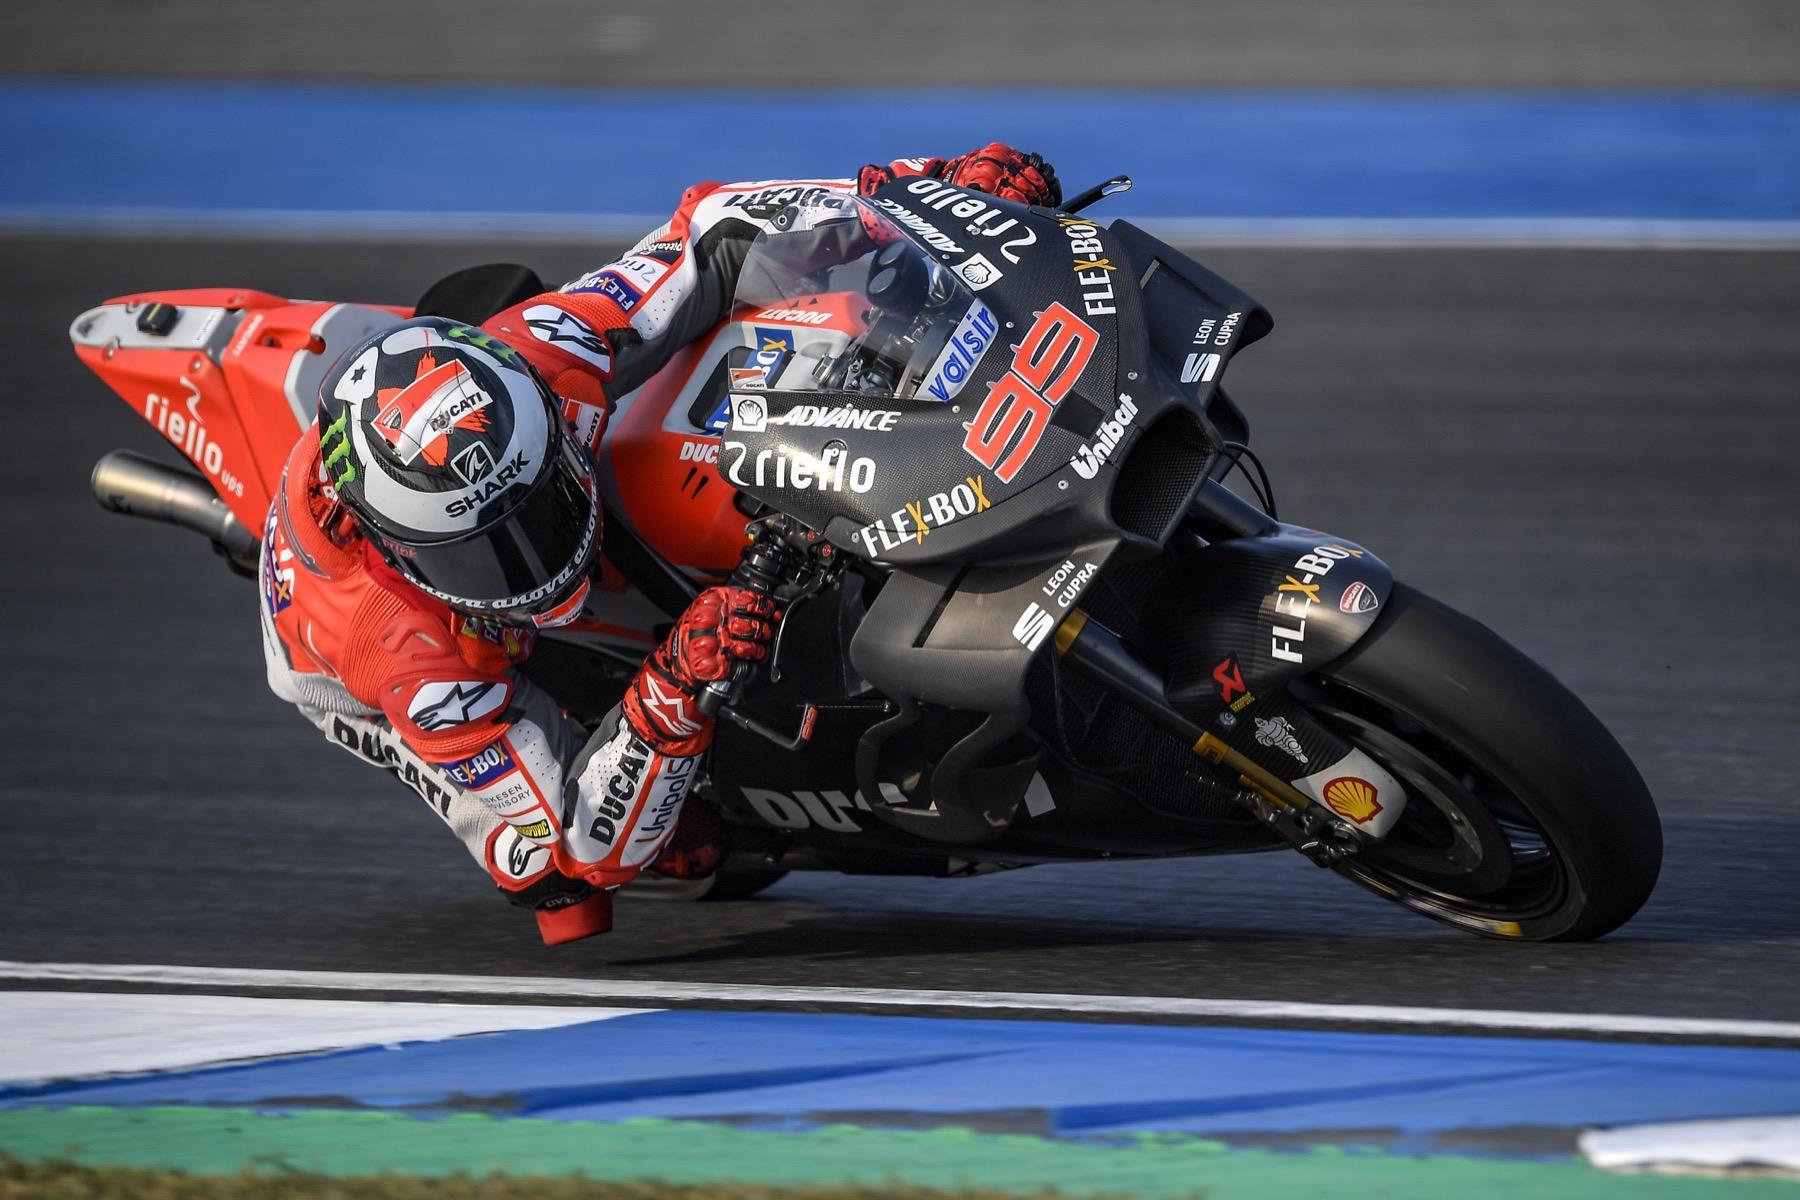 Nuevos carenados de Ducati MotoGP